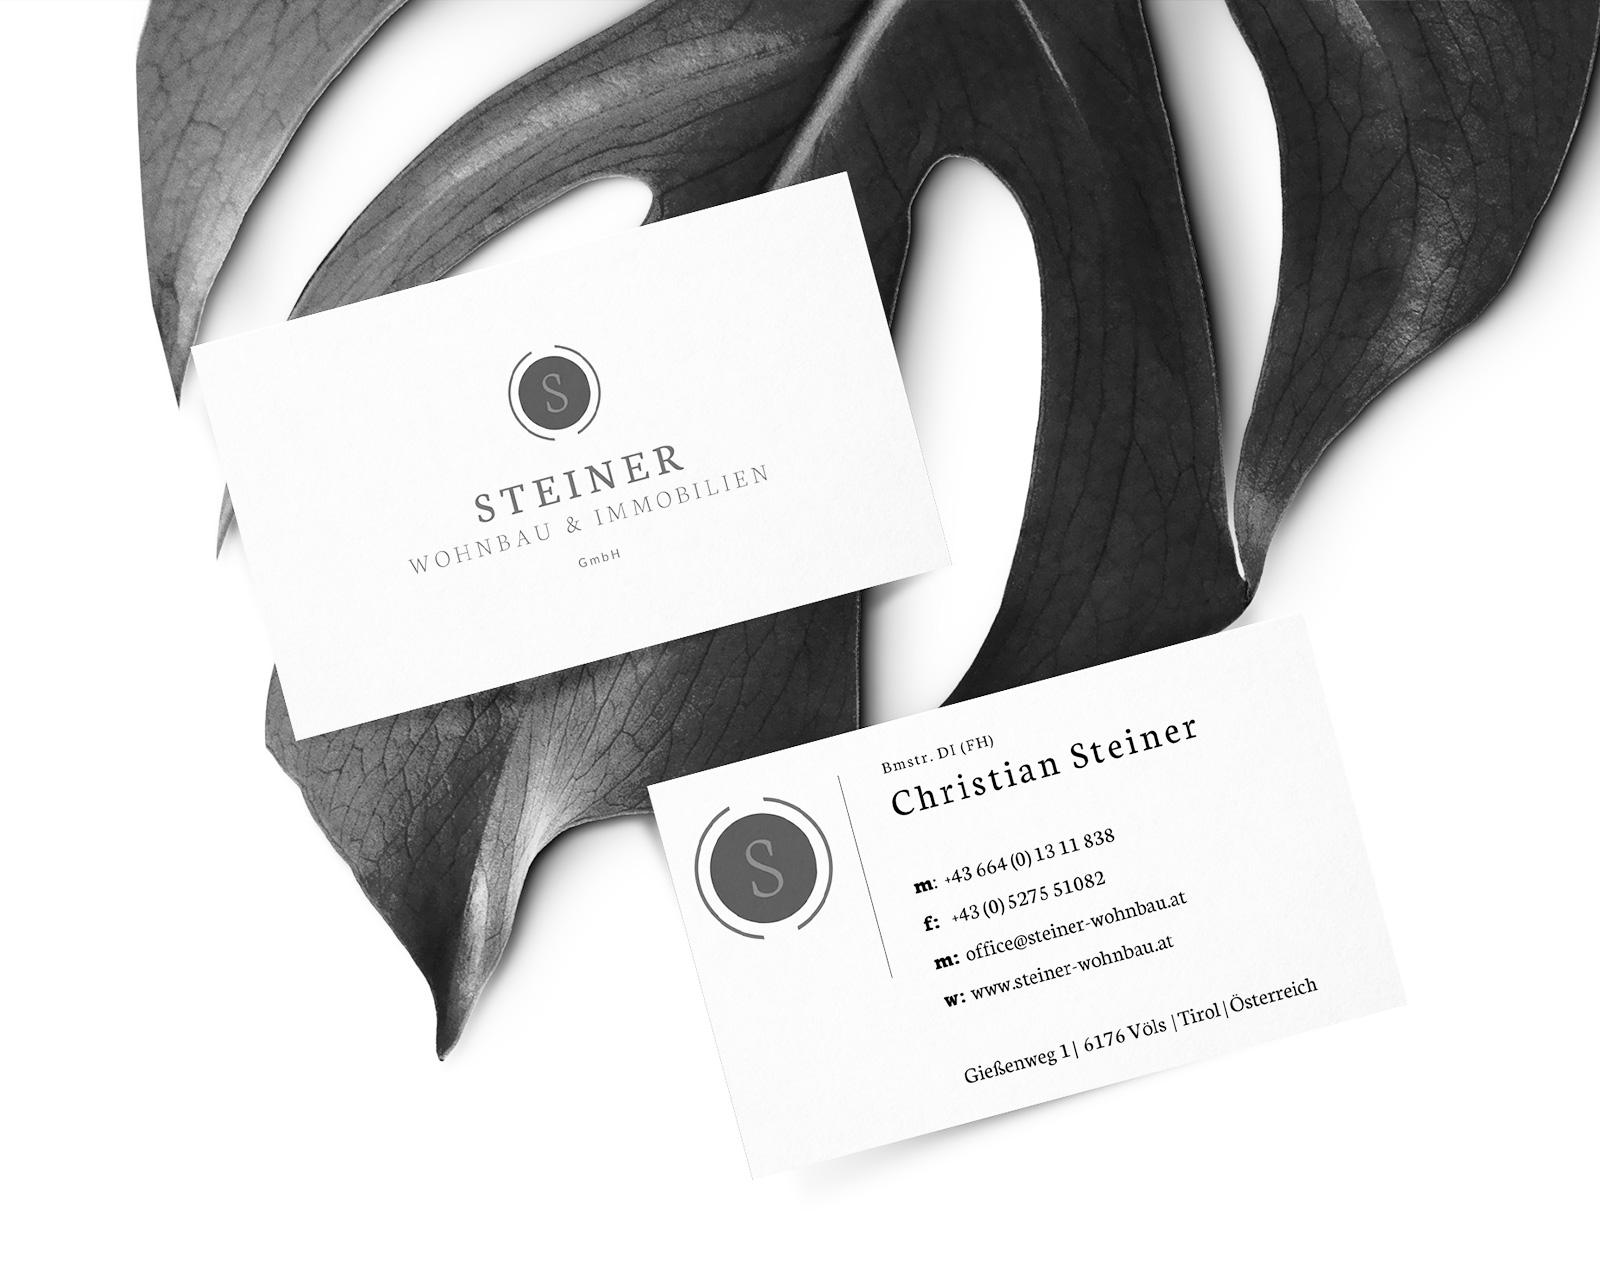 Branding Steiner Wohnbau & Immobilien Tirol